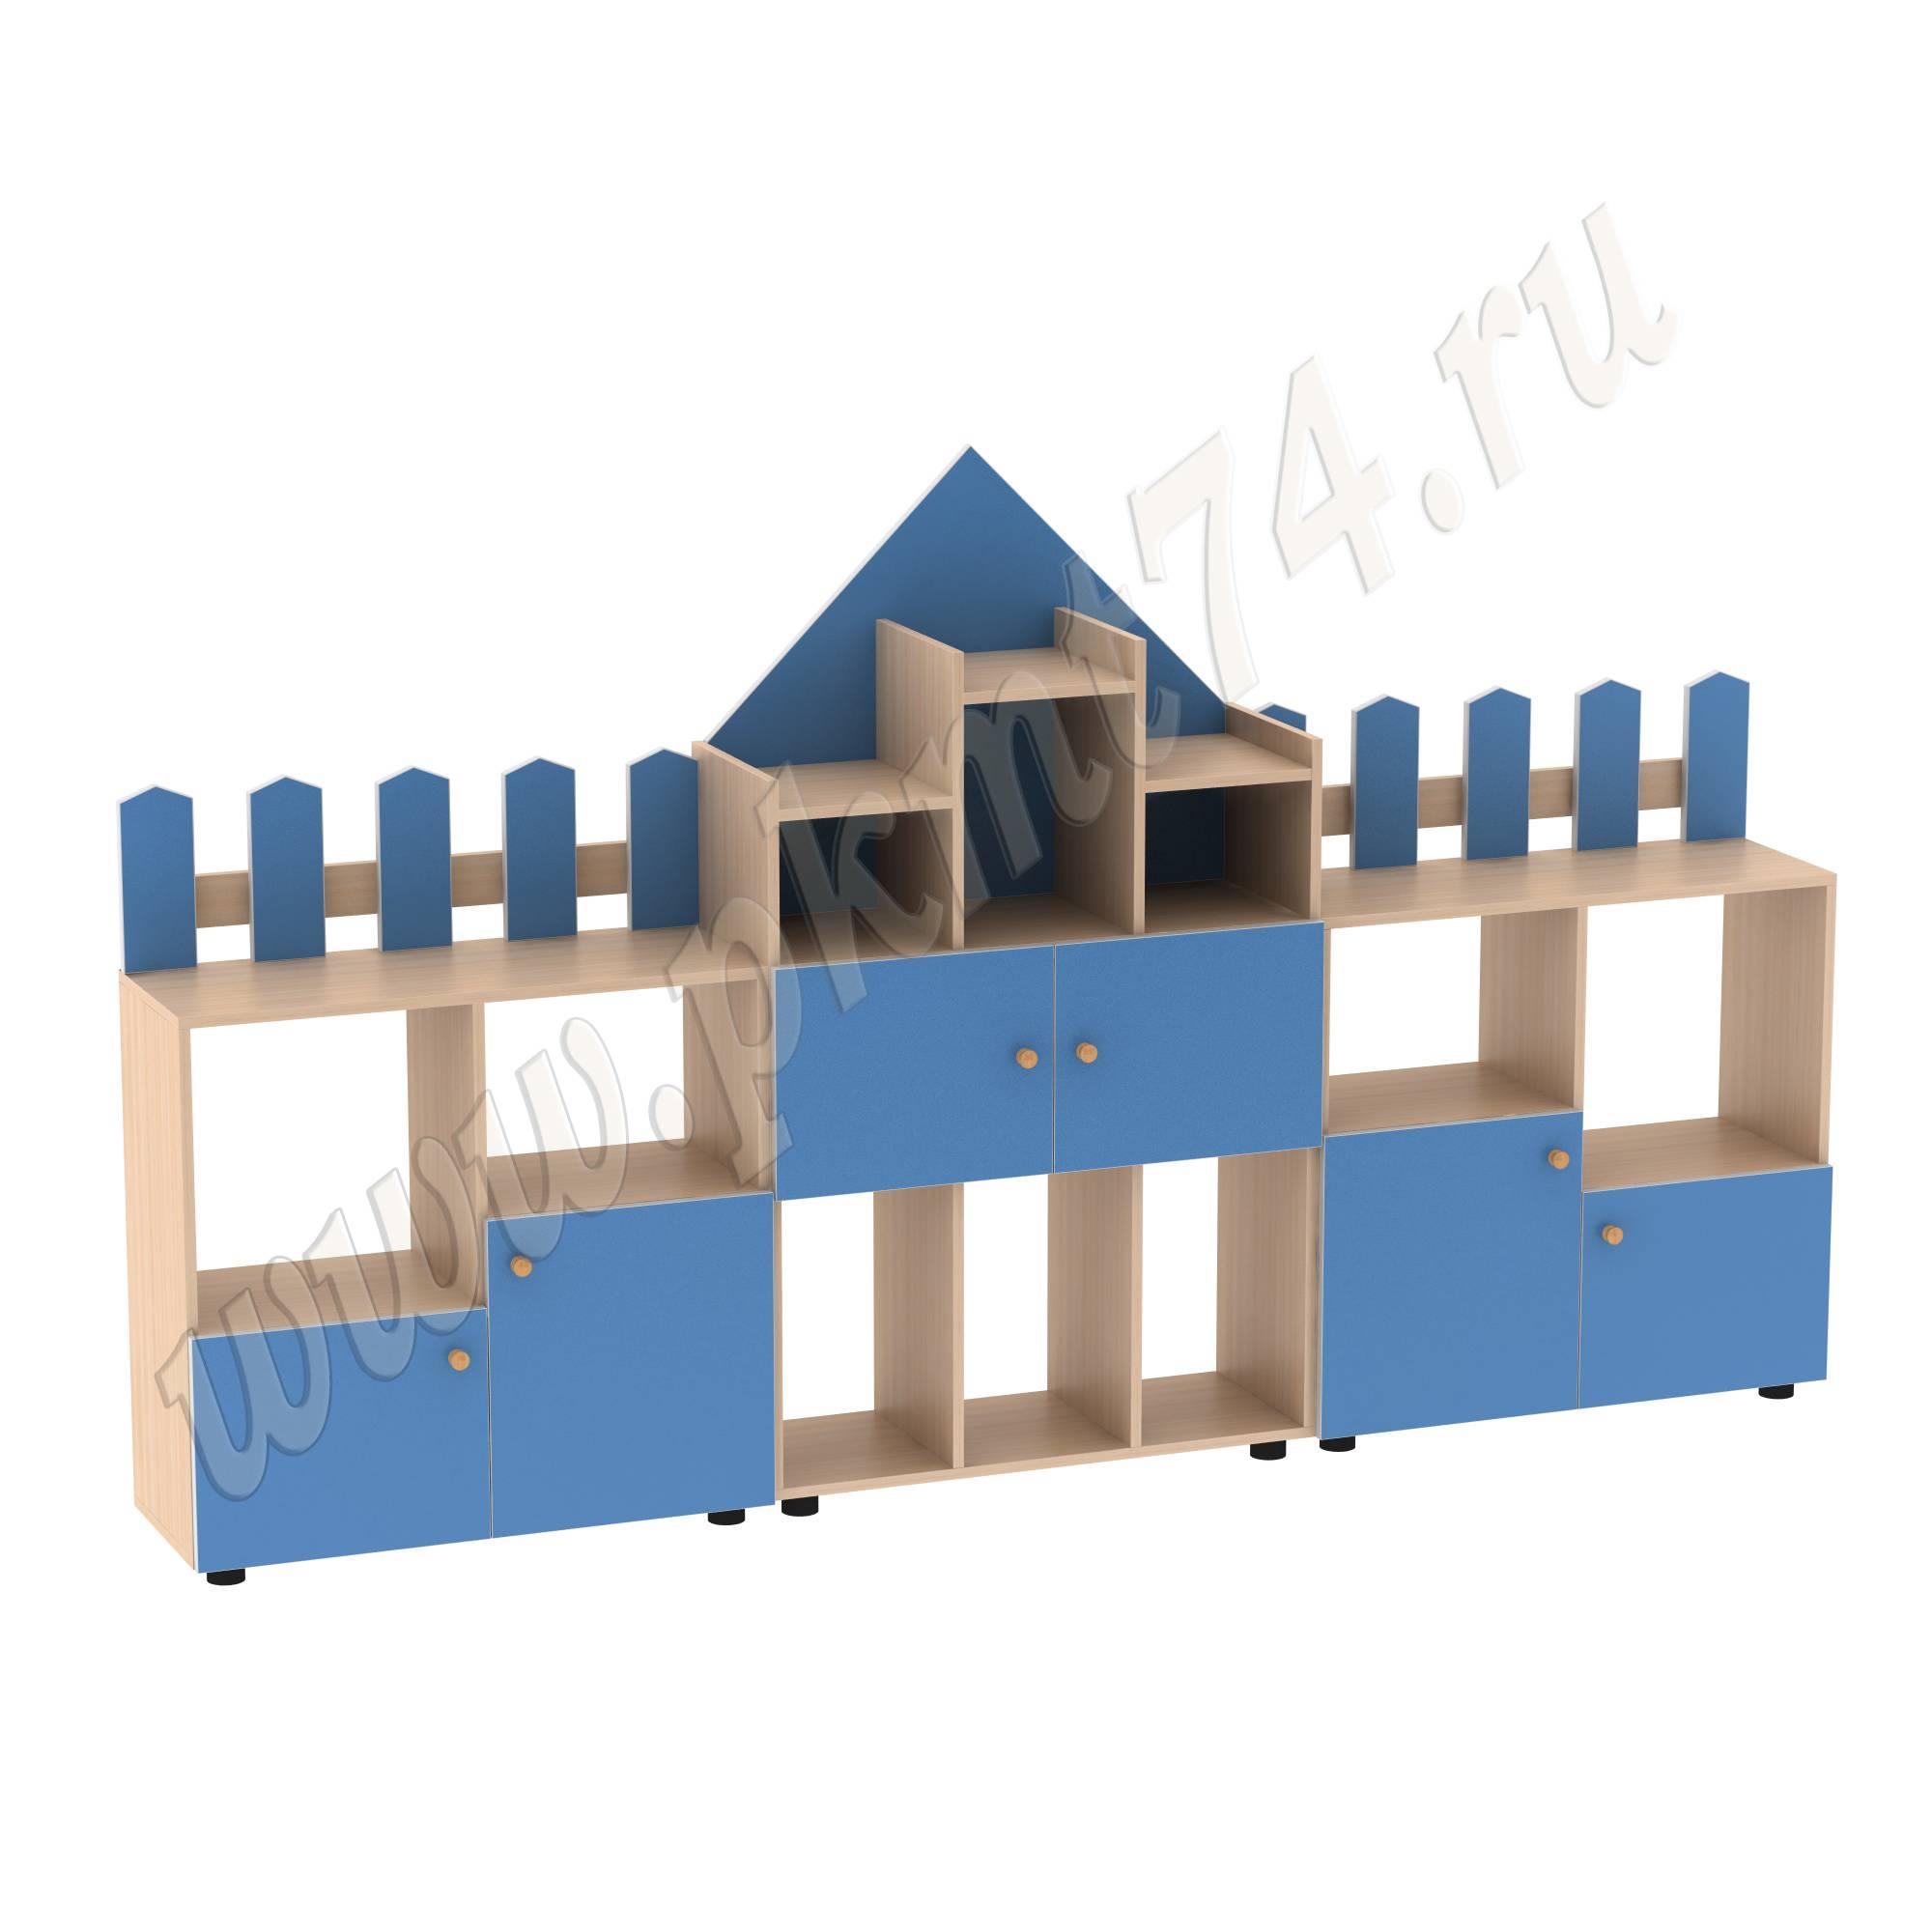 Стенка модульная для игрушек Рыцарский замок МТ 17-61 ДубМол+Син